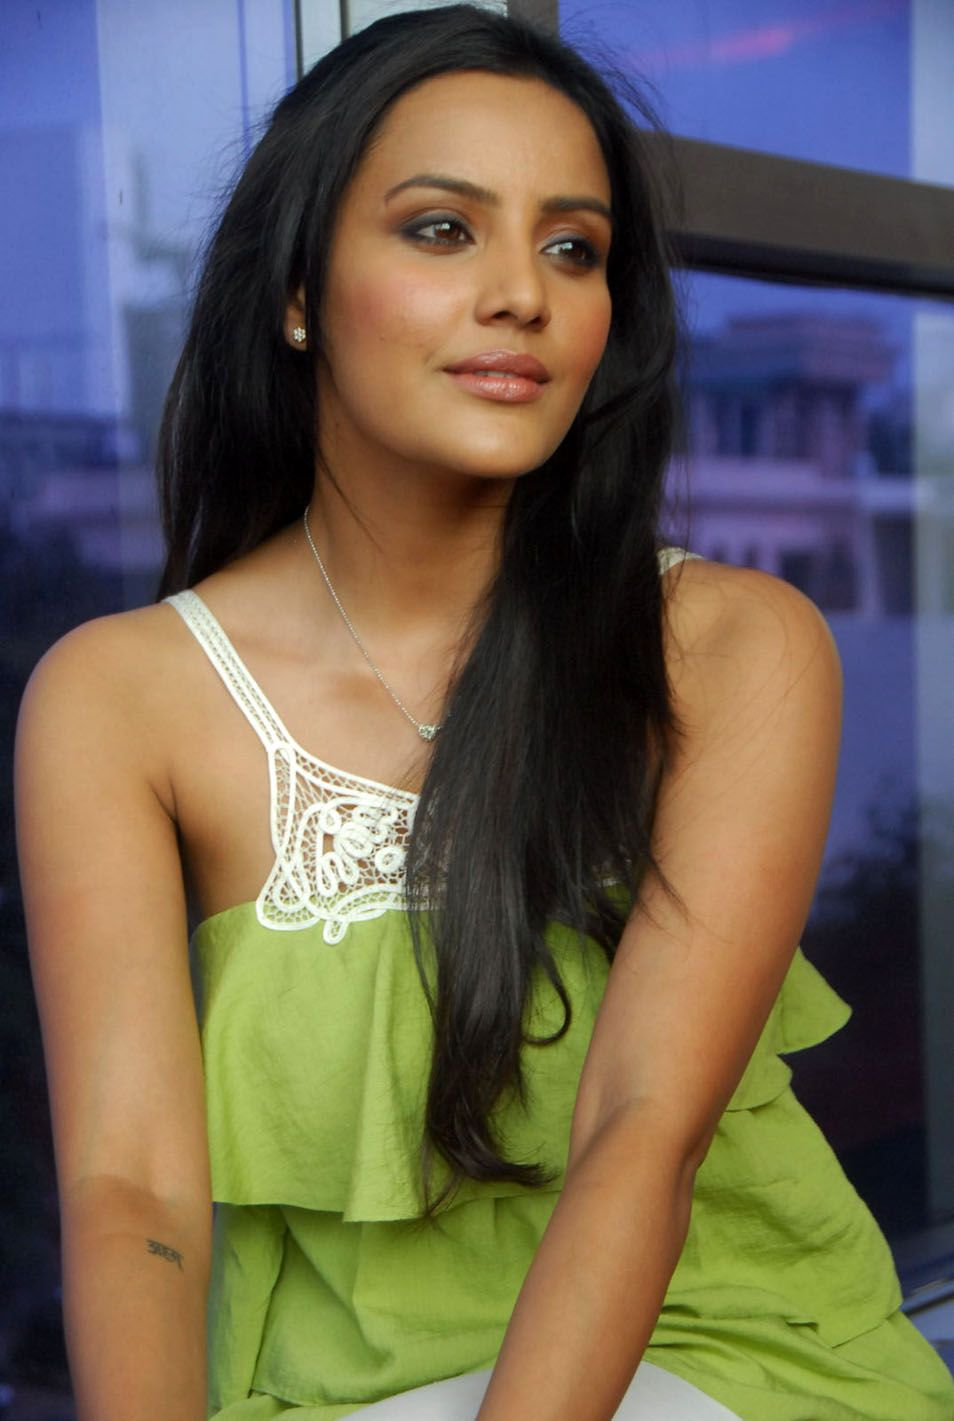 http://4.bp.blogspot.com/-pGbIFu_tWKs/ThAOmW0WP8I/AAAAAAAAbuY/g4KUsQuM3II/s1600/telugu+actress+priya+anand+5.jpg